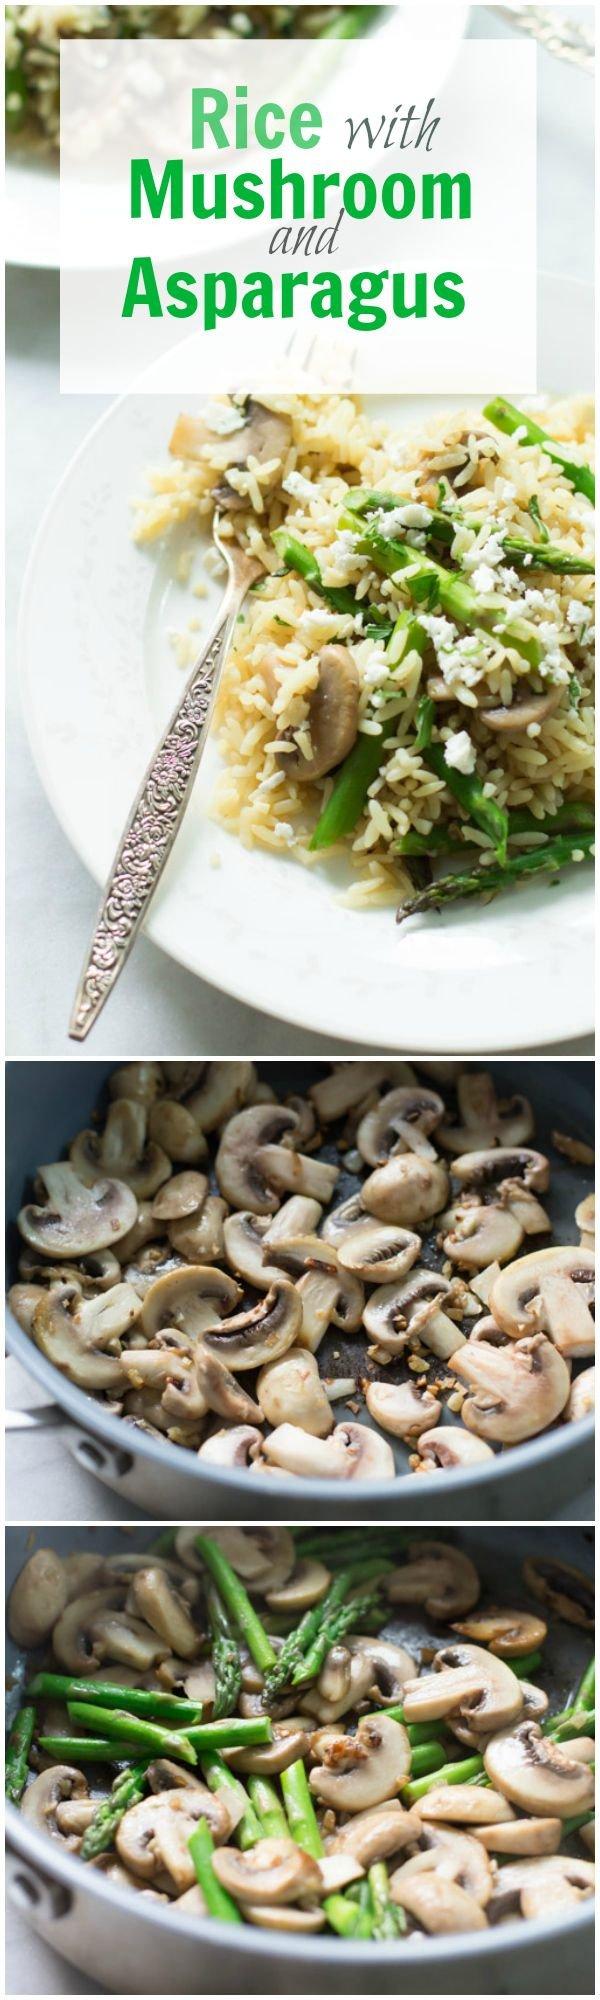 Rice with Mushroom & Asparagus